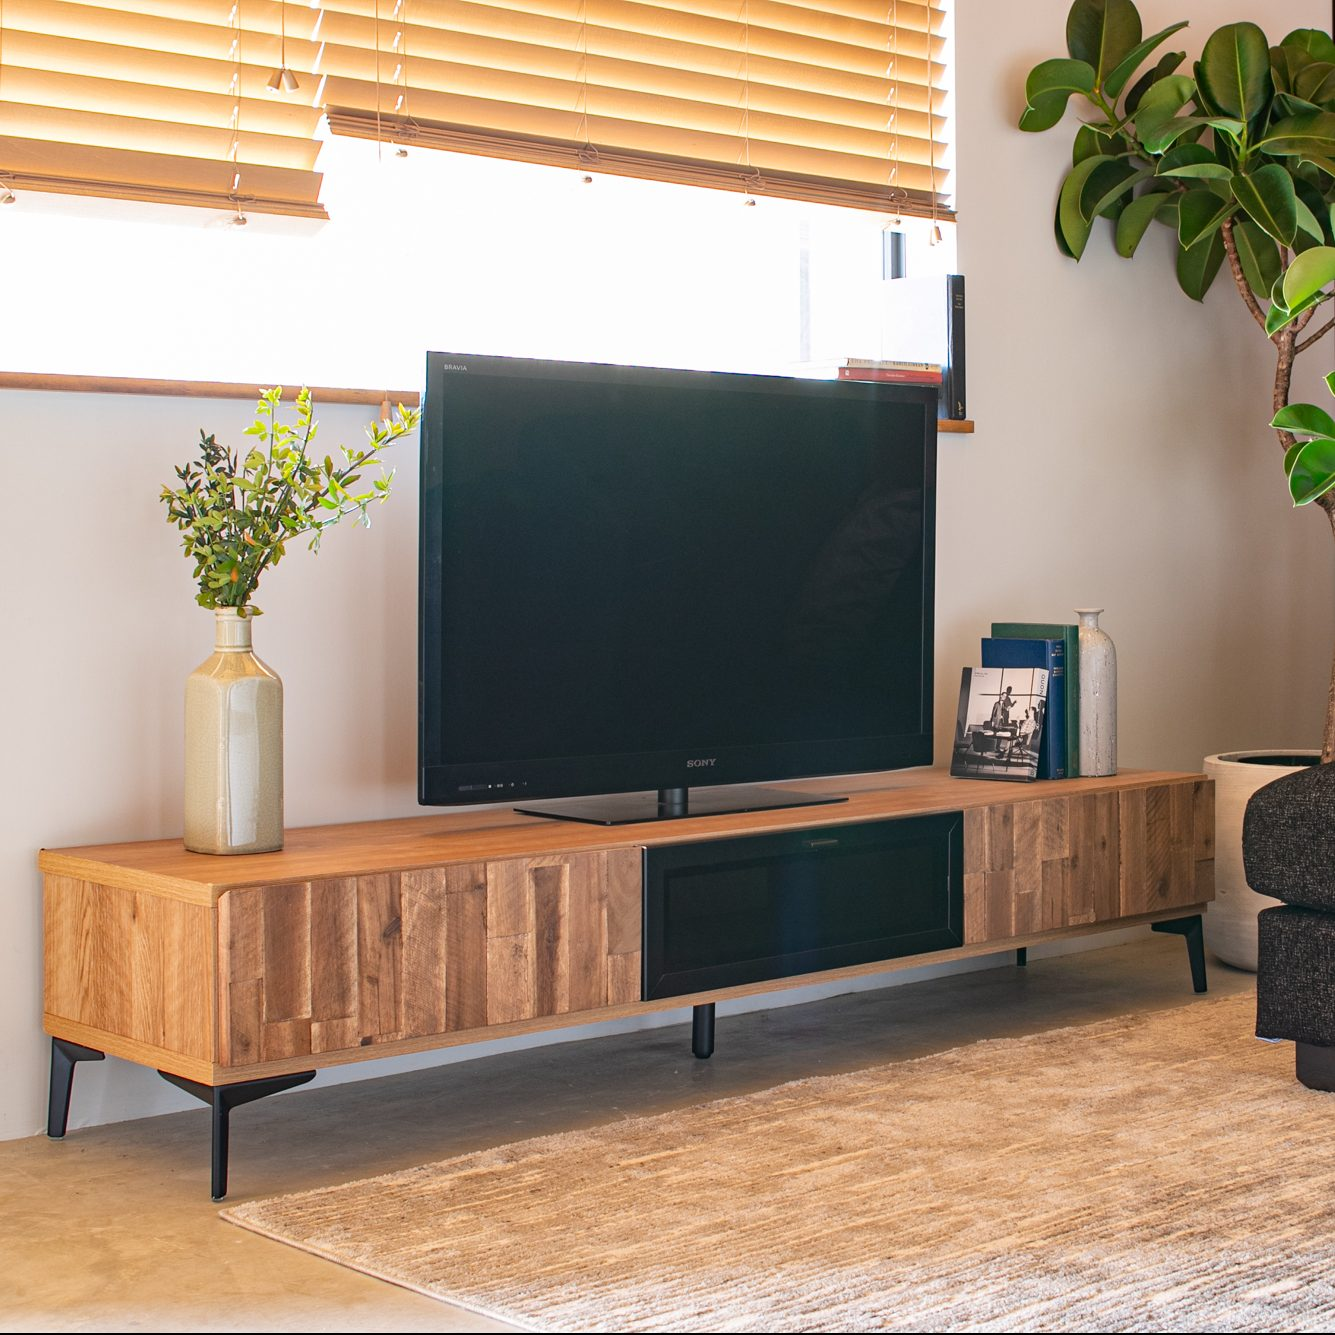 アカシア無垢材の木目を楽しむ180㎝幅のTVボード